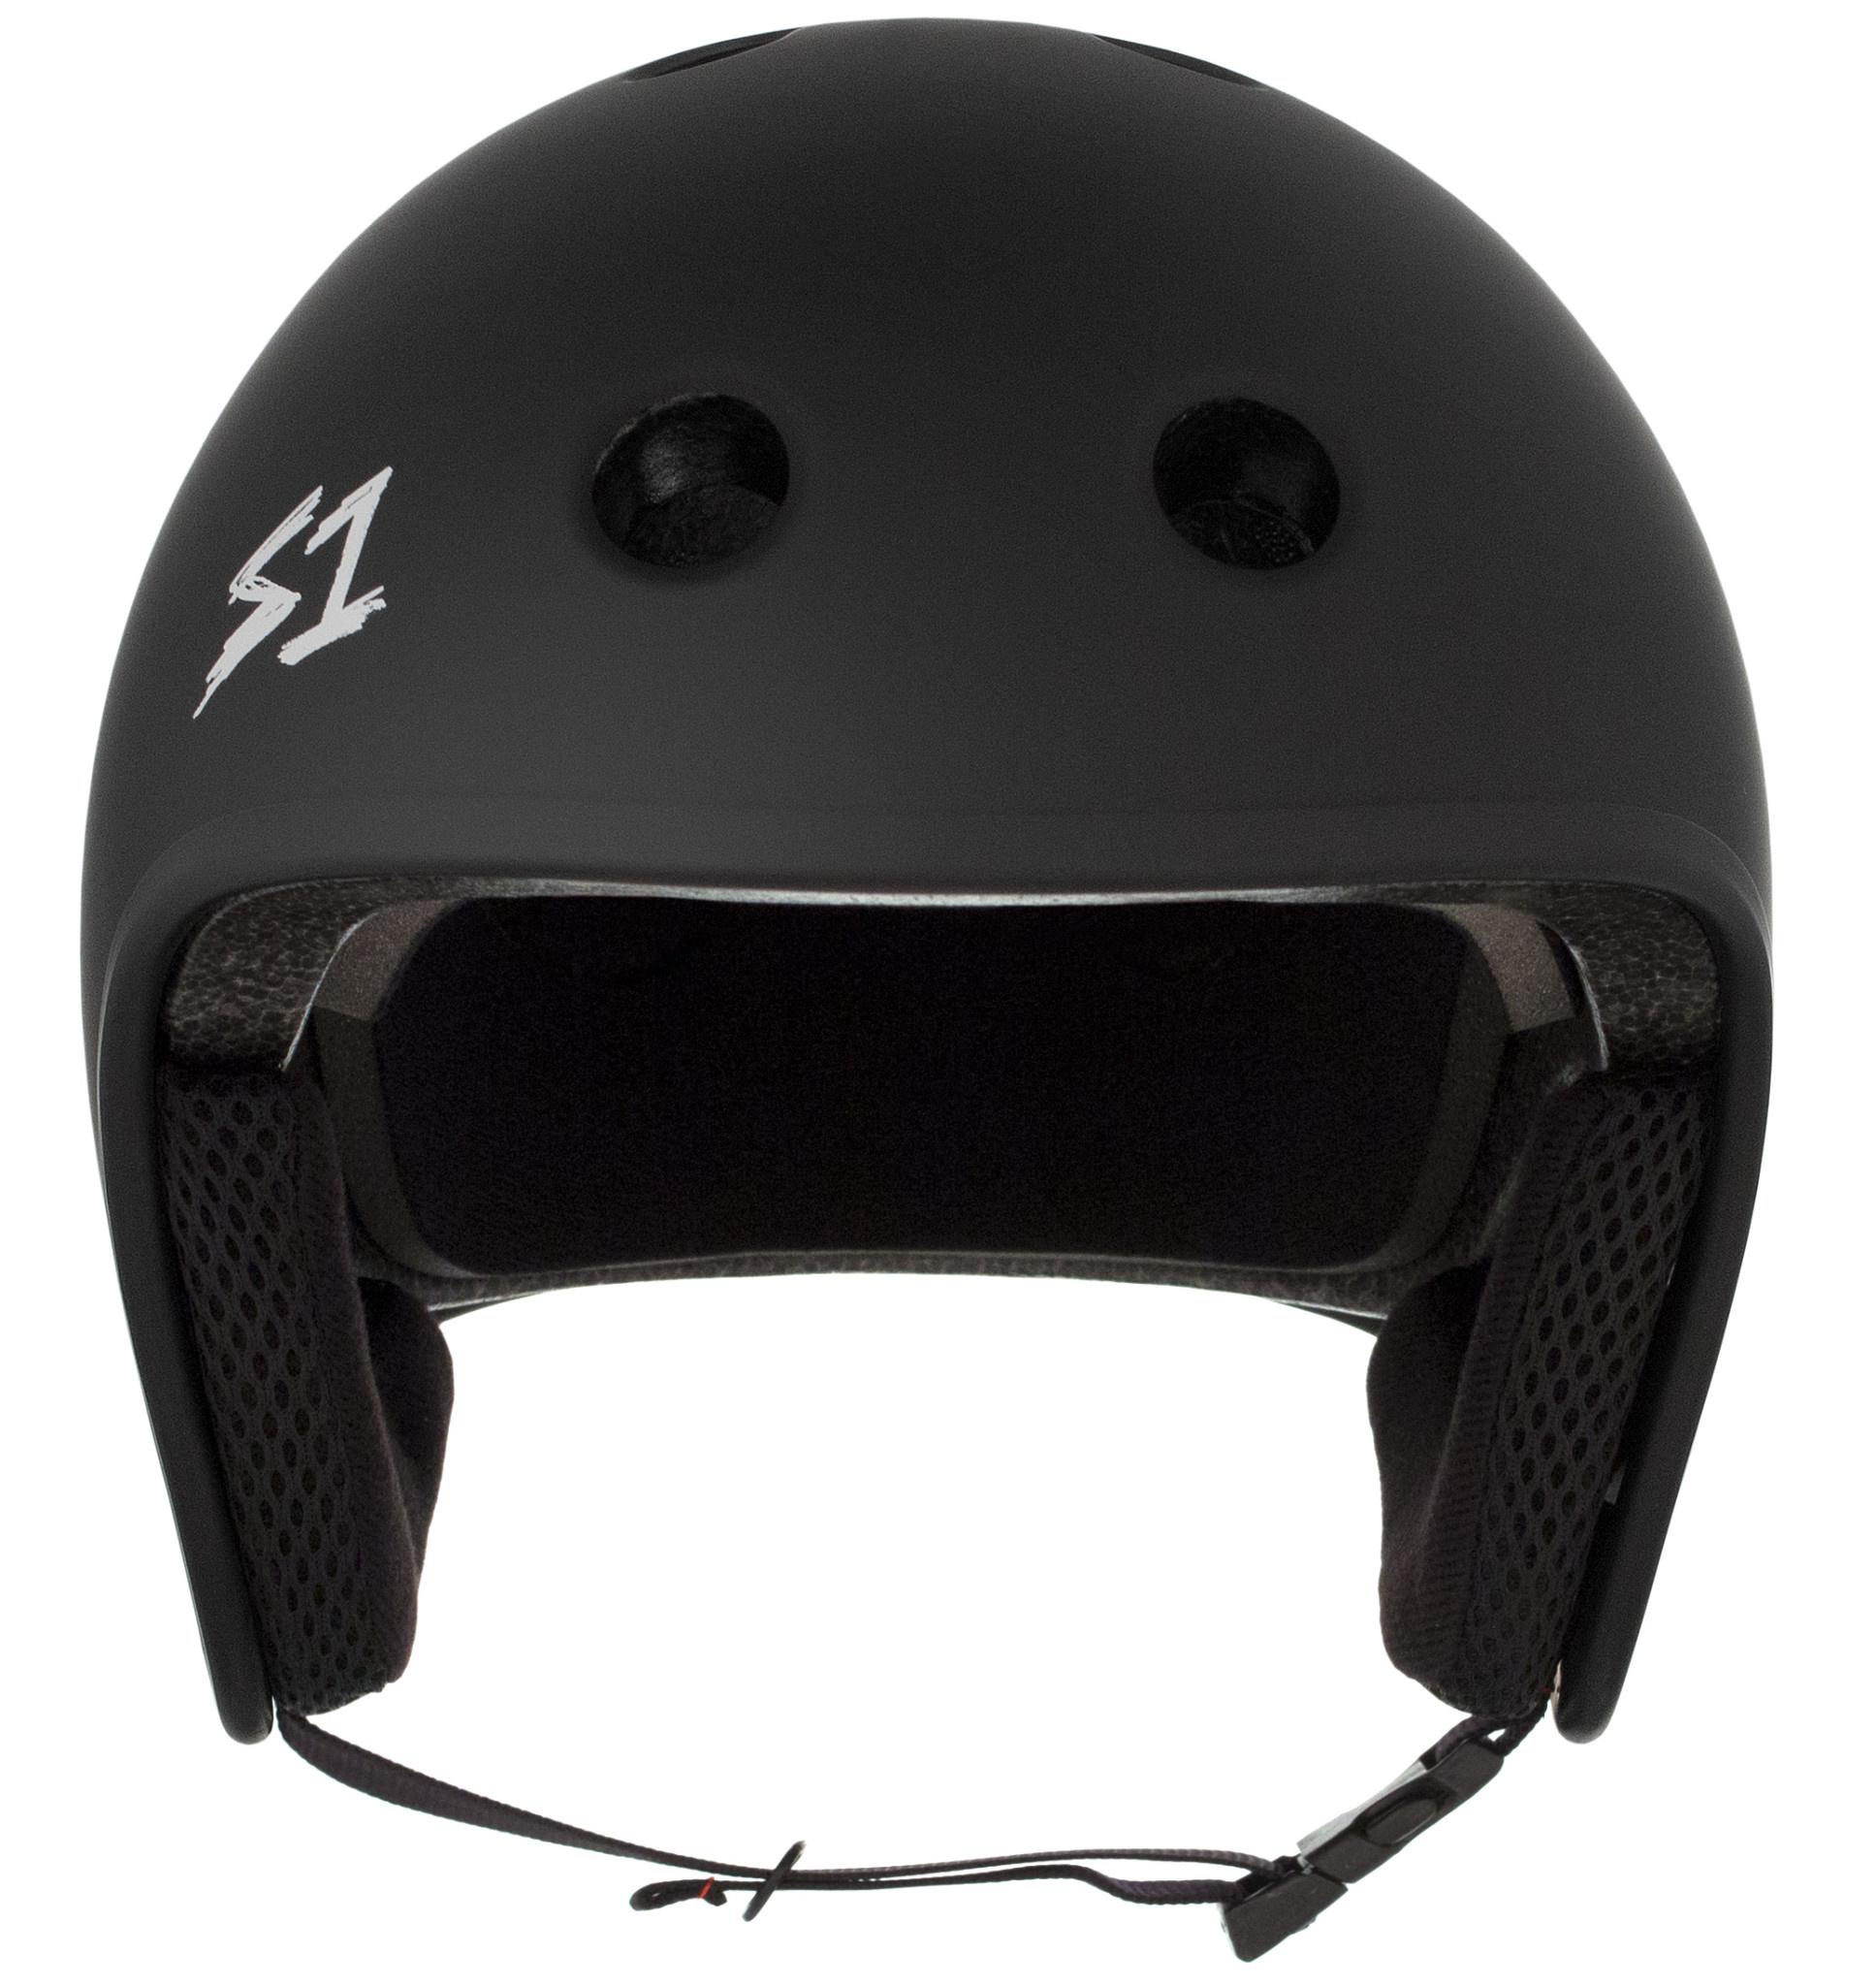 S-1 Retro Lifer Helmet - Black Matte